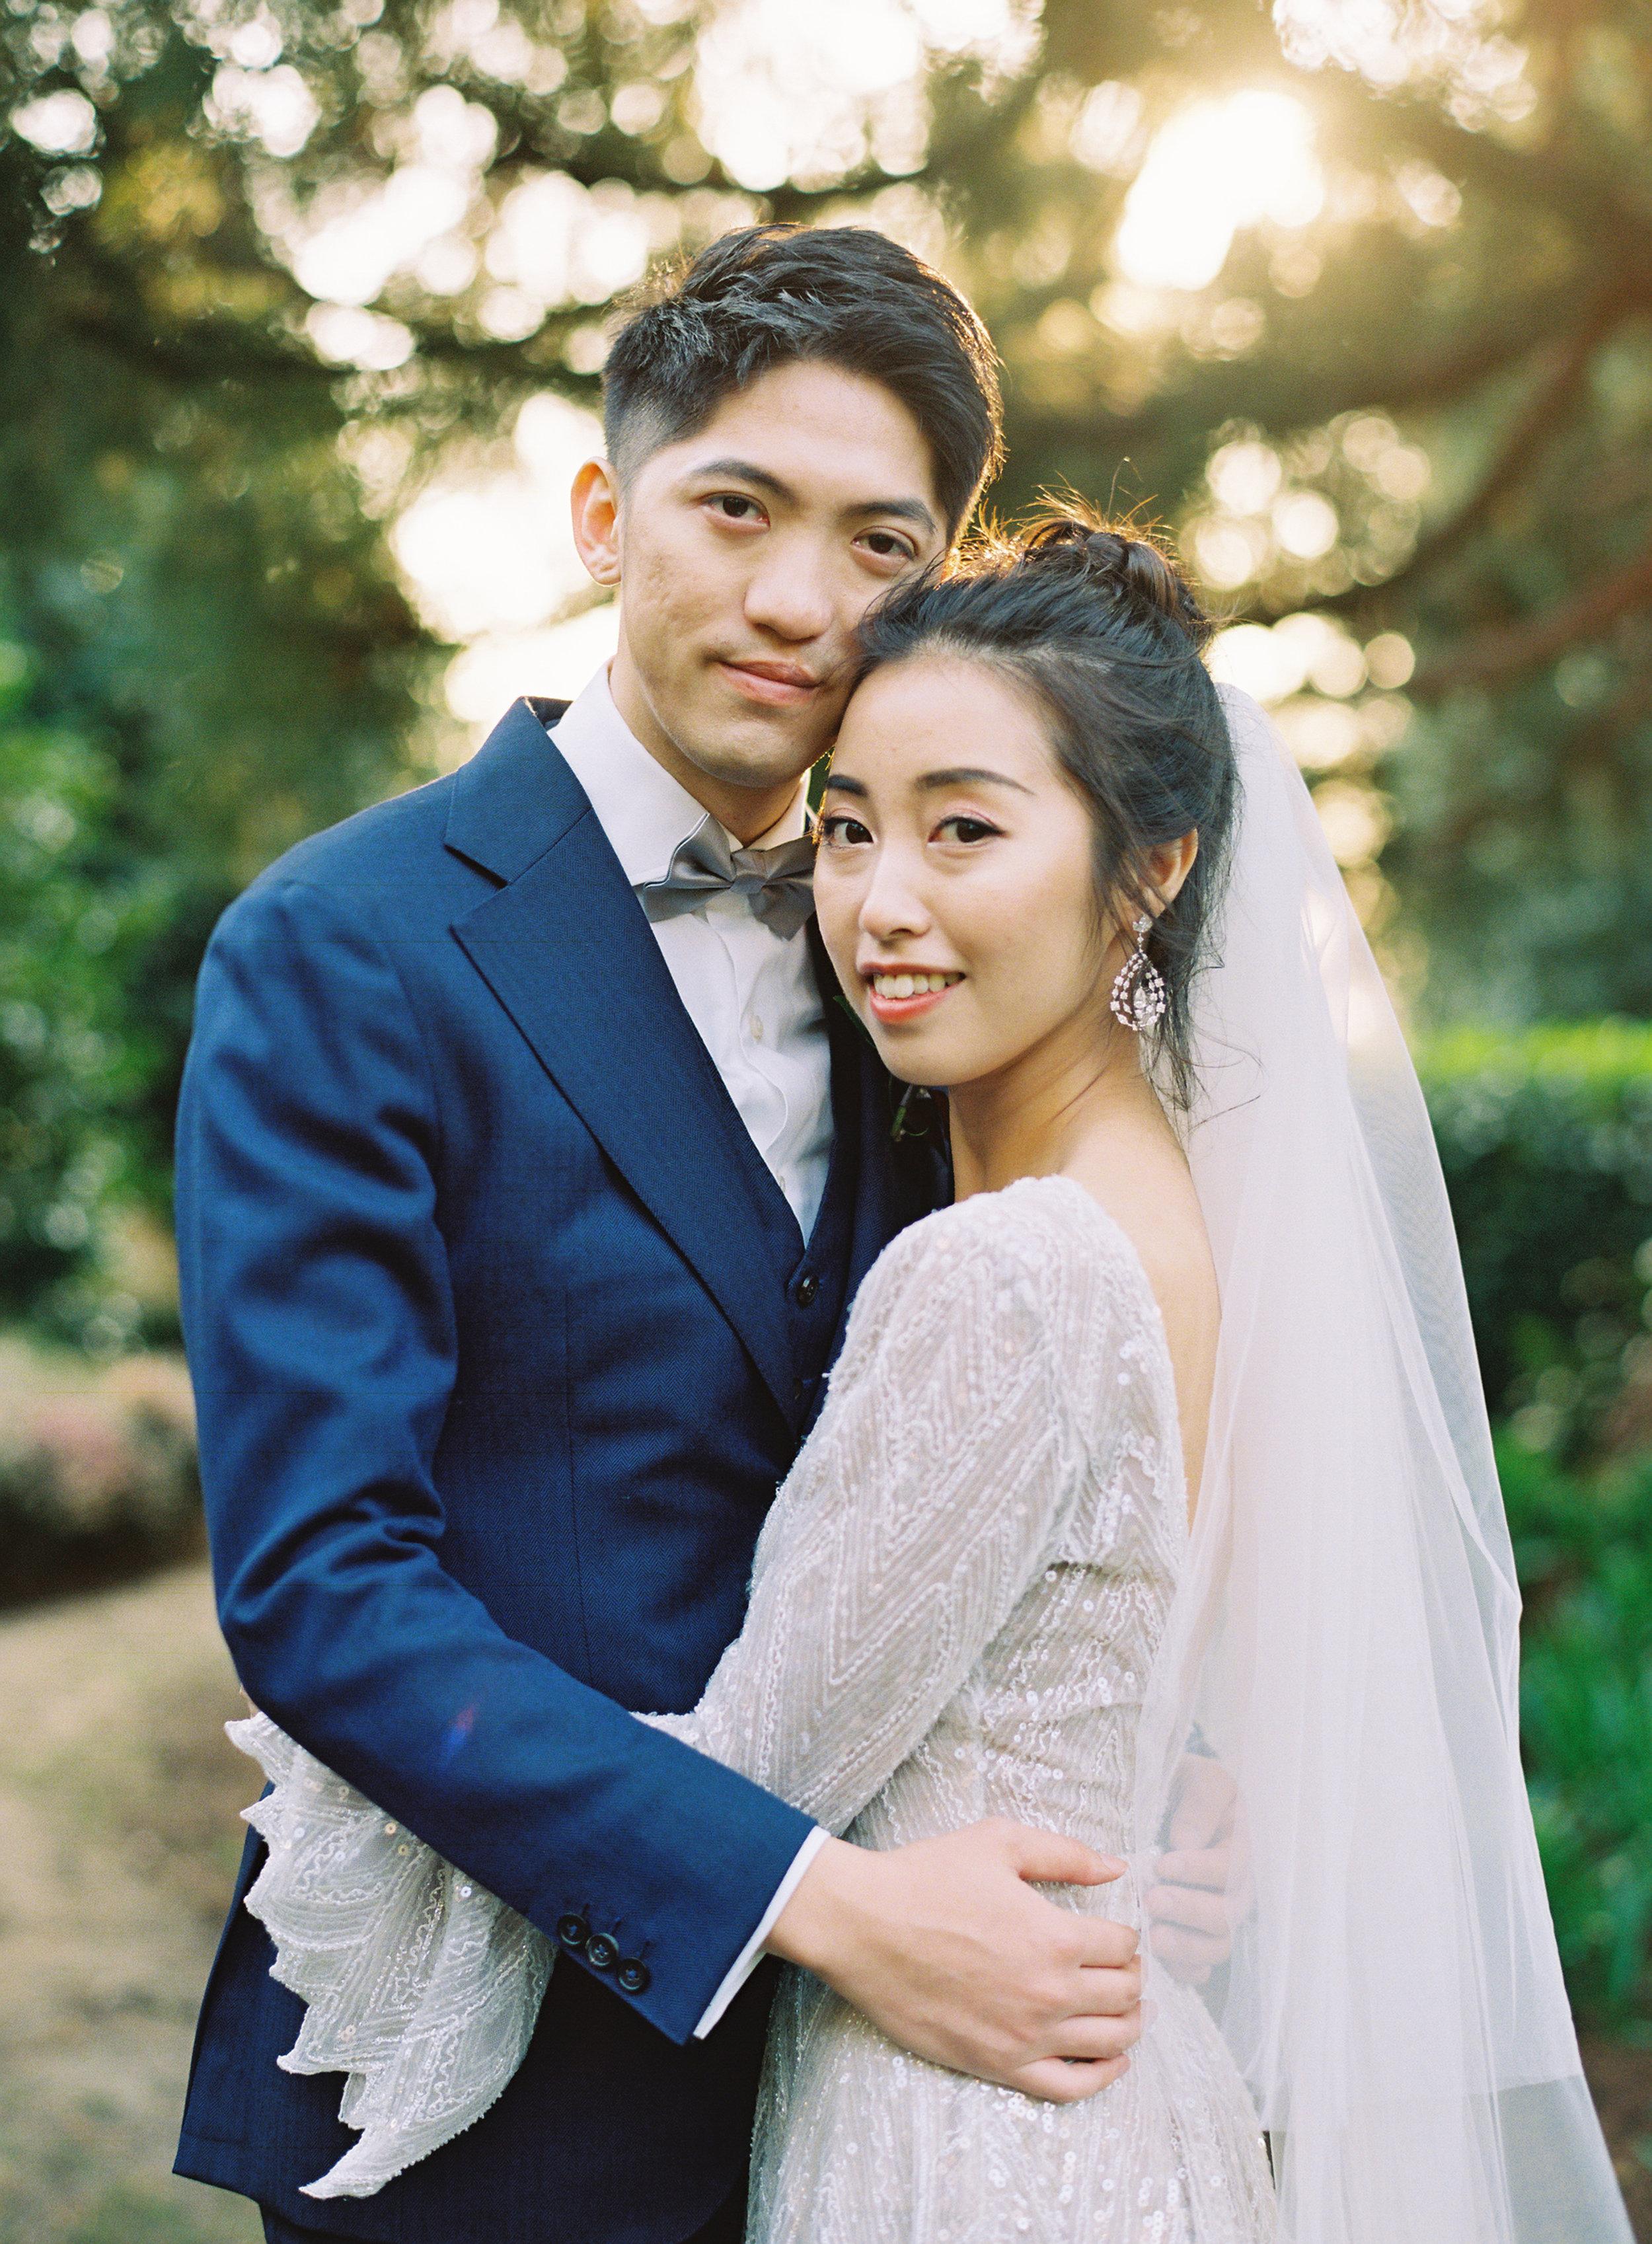 JB-Editorial-146-Jen_Huang-032544-R1-014.jpg